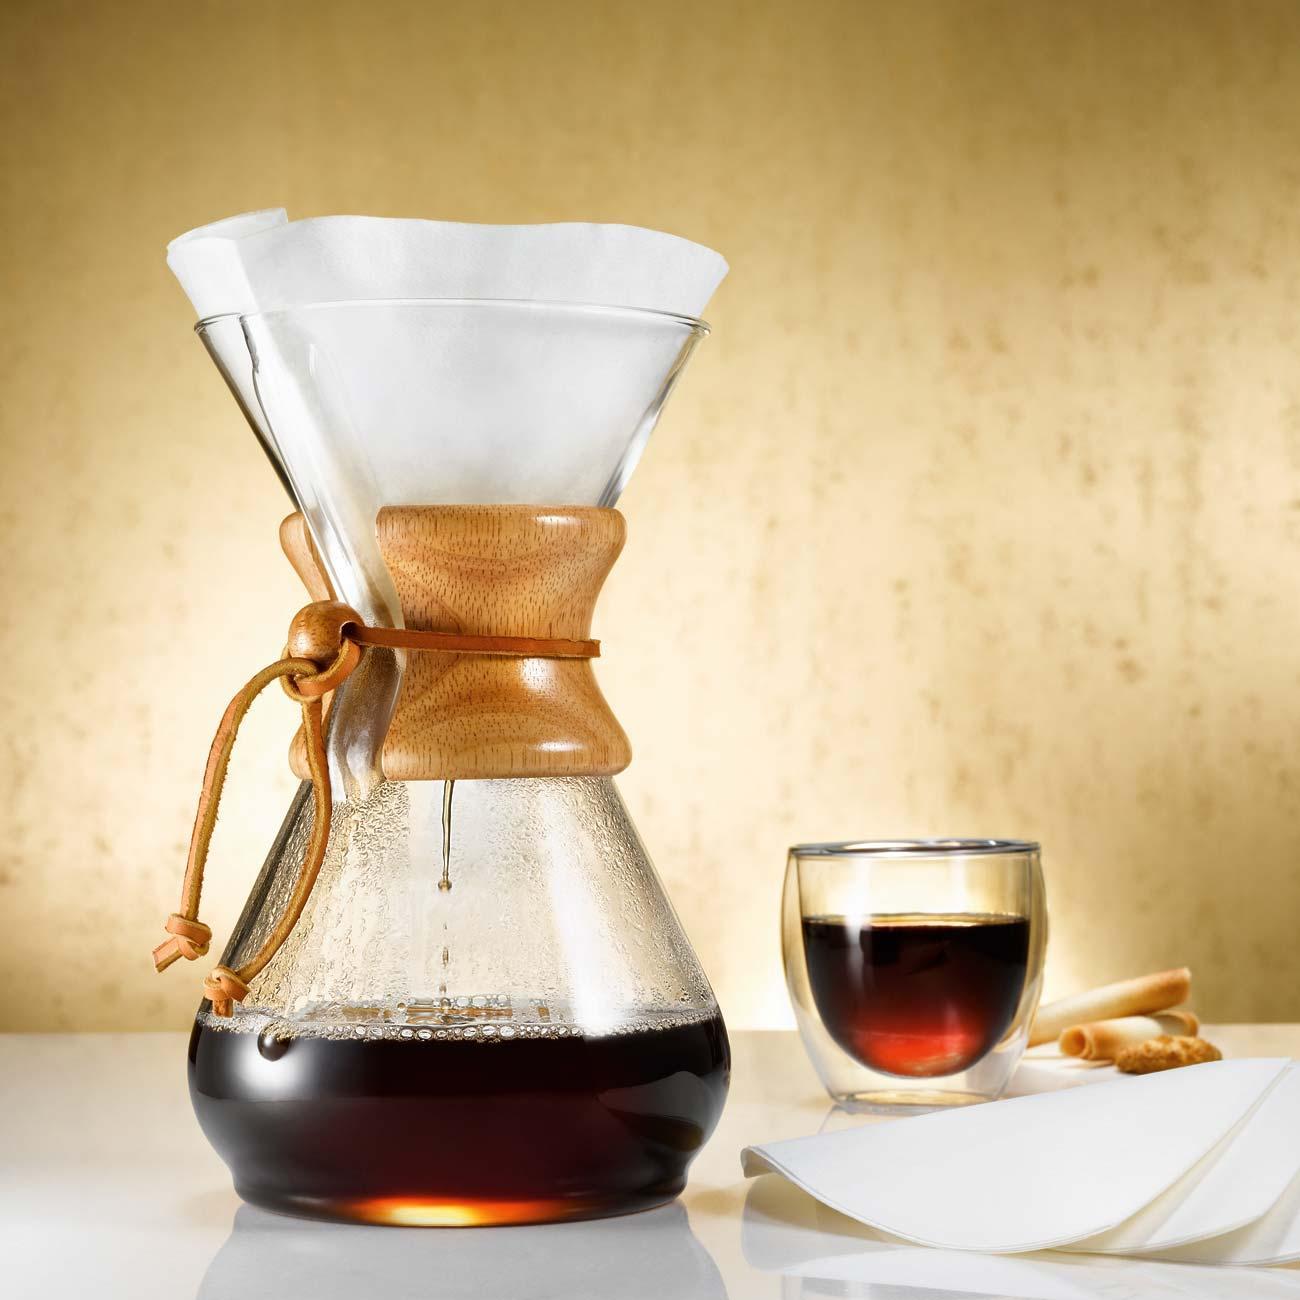 Chemex kaffee karaffe aus glas mit holzgriff f r 8 tassen - Bilder cappuccino ...